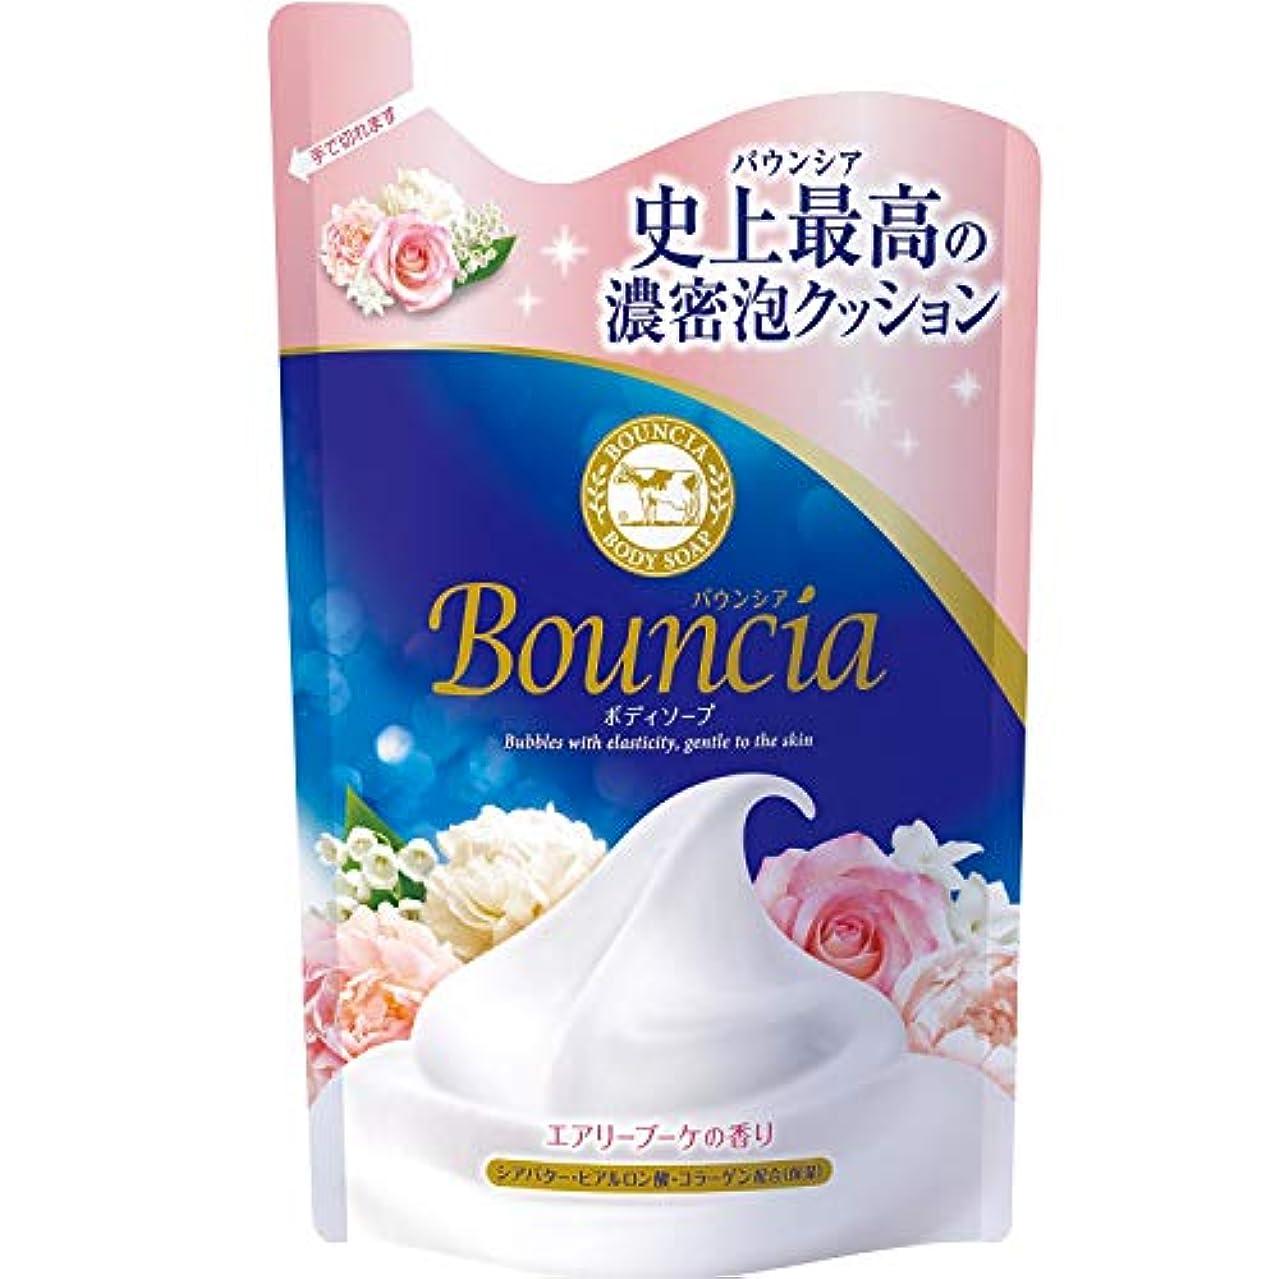 第九アルカトラズ島問題バウンシア ボディソープ エアリーブーケの香り 詰替 400mL